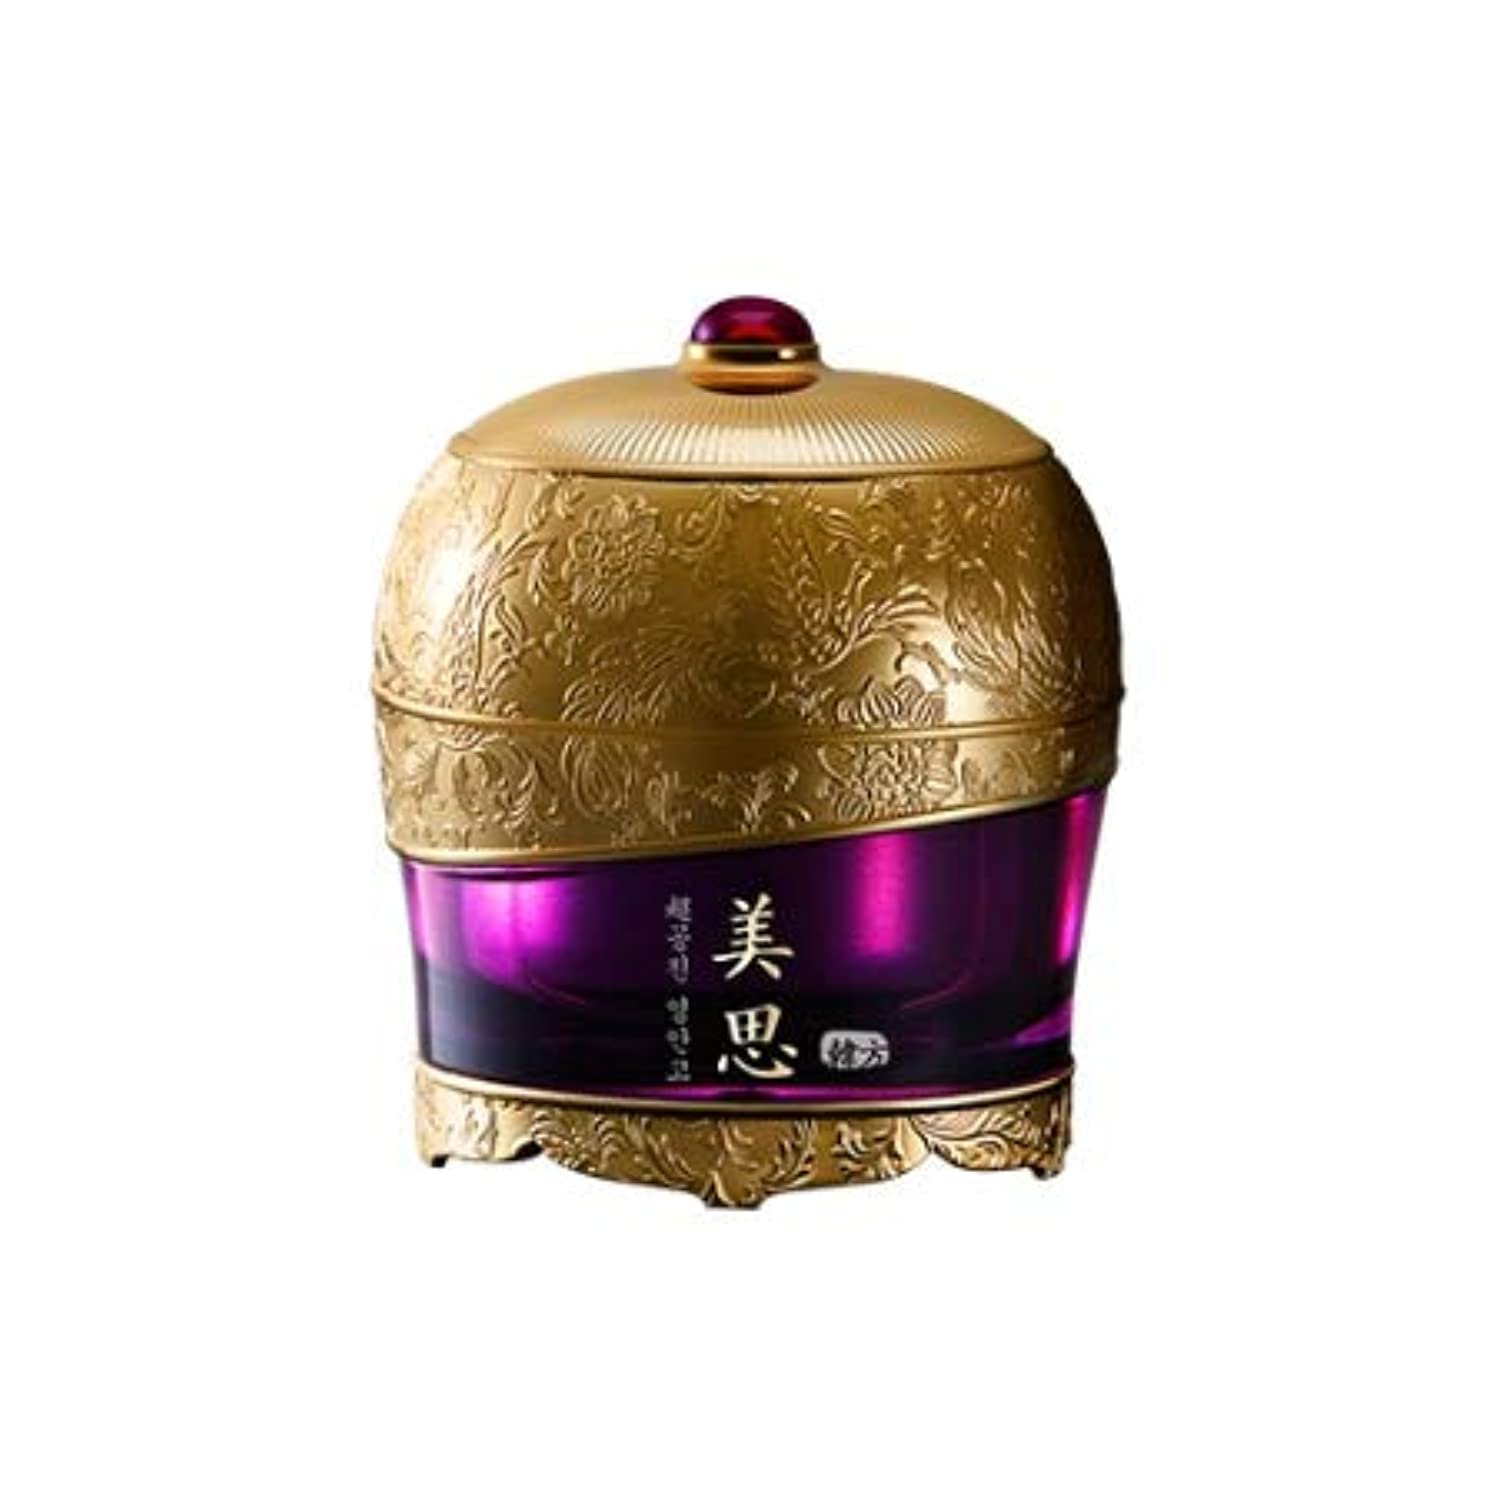 日没句フォローMISSHA Chogongjin Premium cream ミシャ美思超拱辰(チョゴンジン) 永安膏 クリーム クリーム 60ml [並行輸入品]